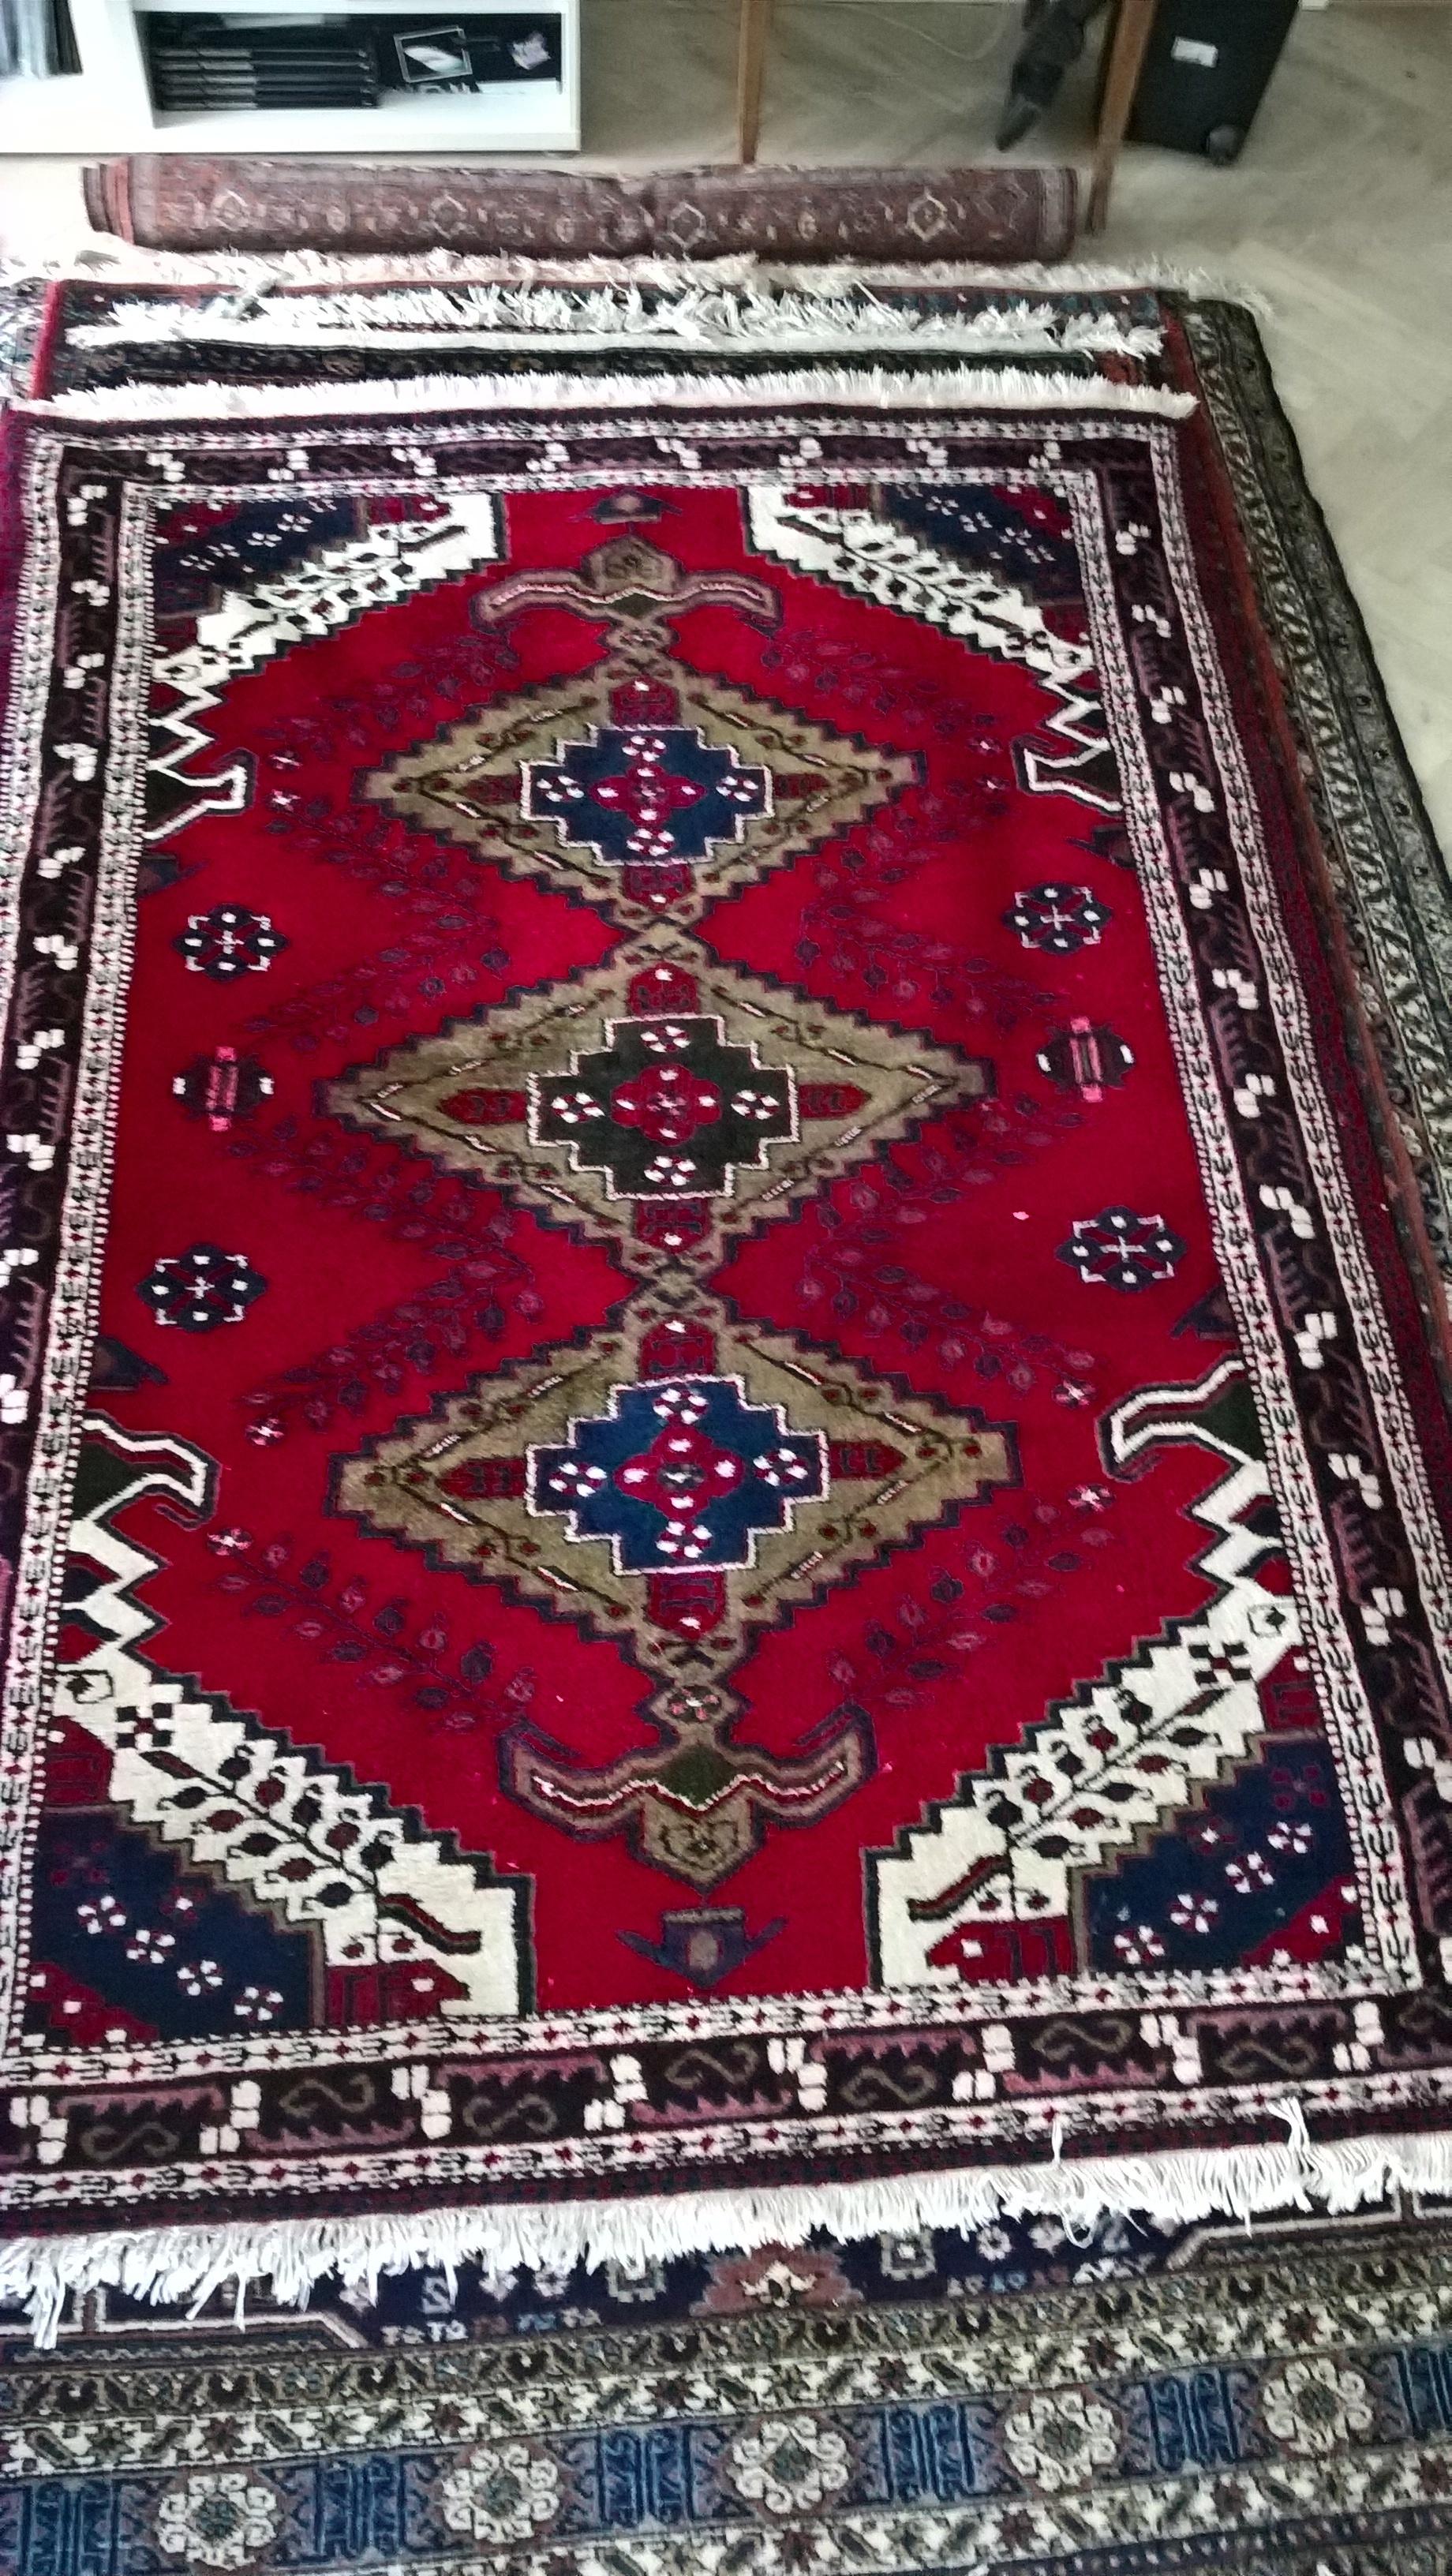 Ægte Persisk tæppe fra Shahsavan    Mål: 203 x 147 cm Kraftig uld Tæppe kr. 4.500,- Varenr. Rug16-3460-13-red